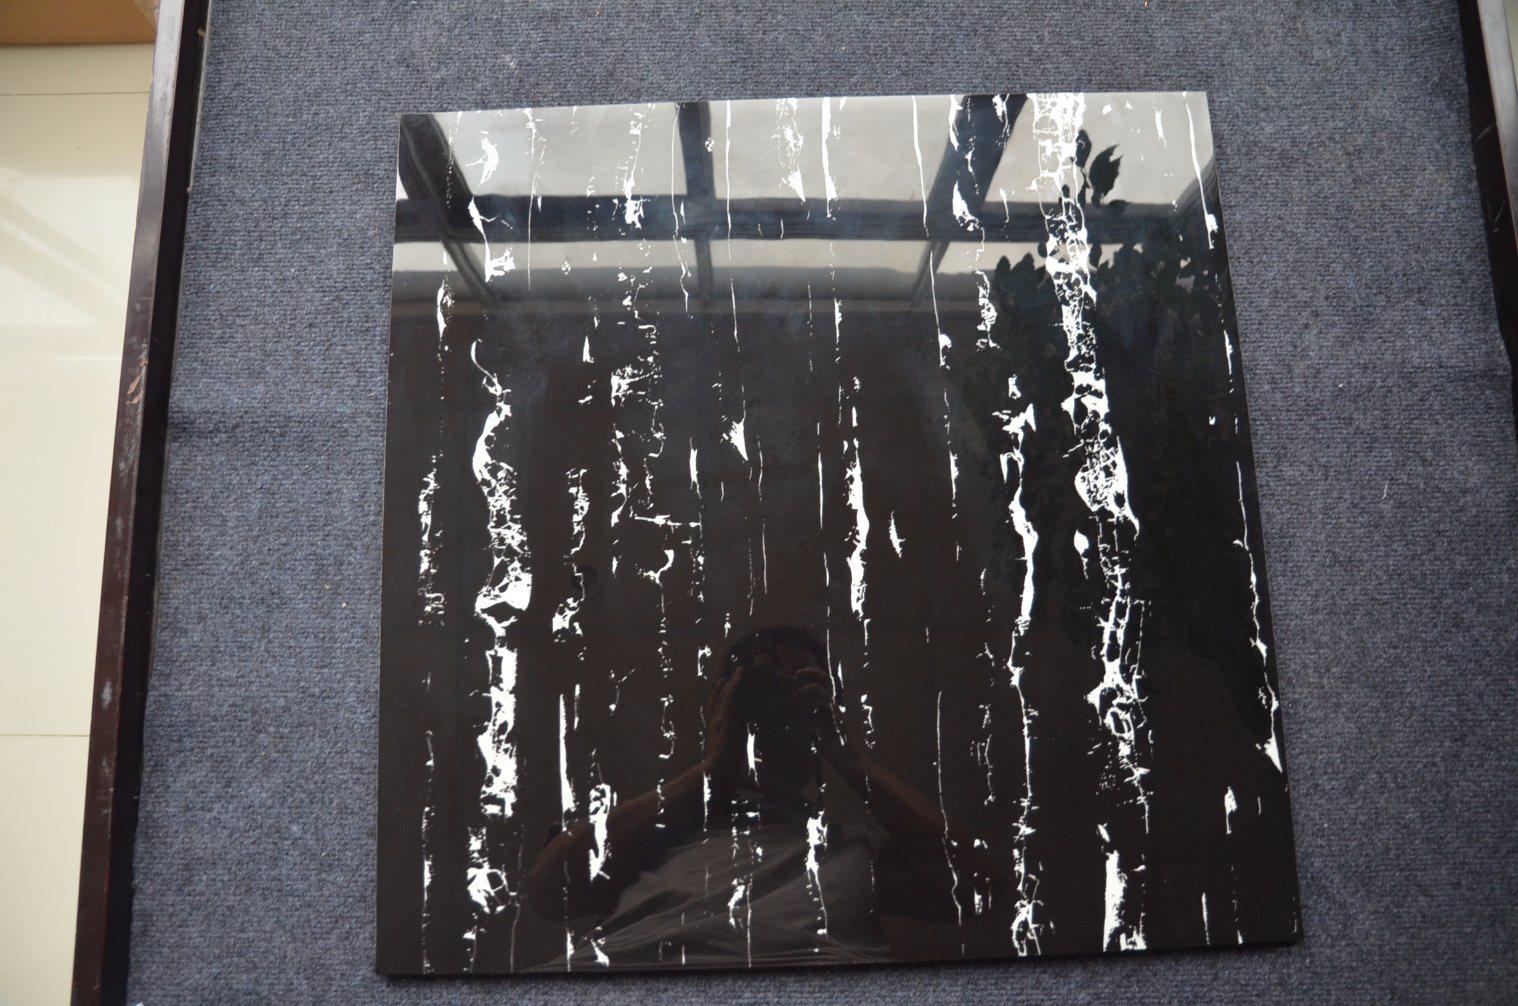 China European Style Square Glazed Polished Black And White Floor